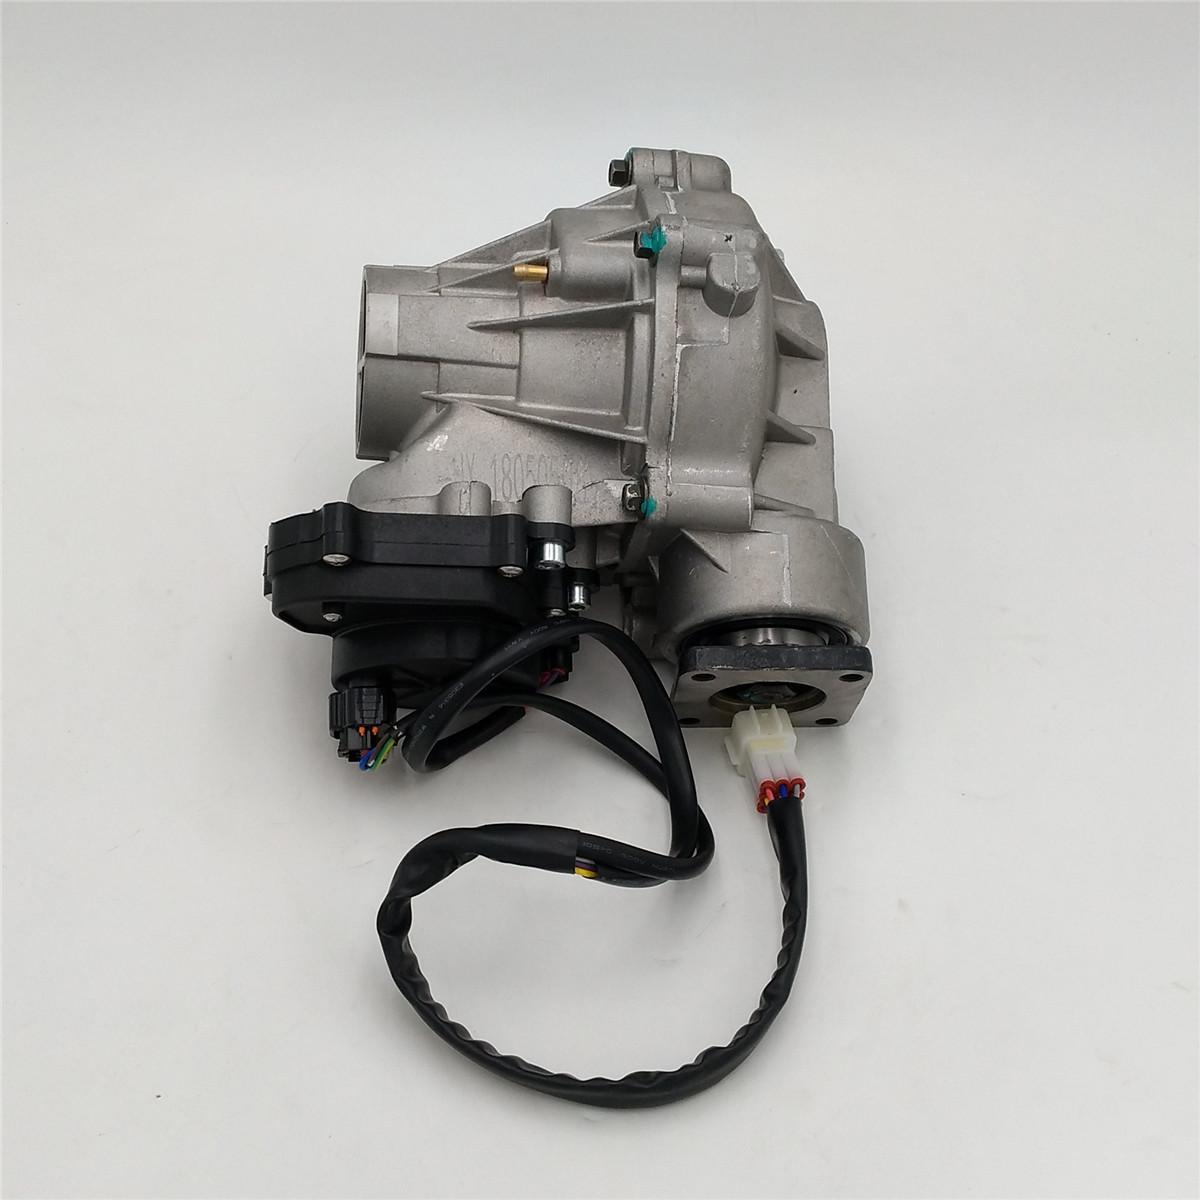 Front Axle Cfmoto 500cc 600cc 800cc ATV UTV Differential Quad Go Kart Reducer 4